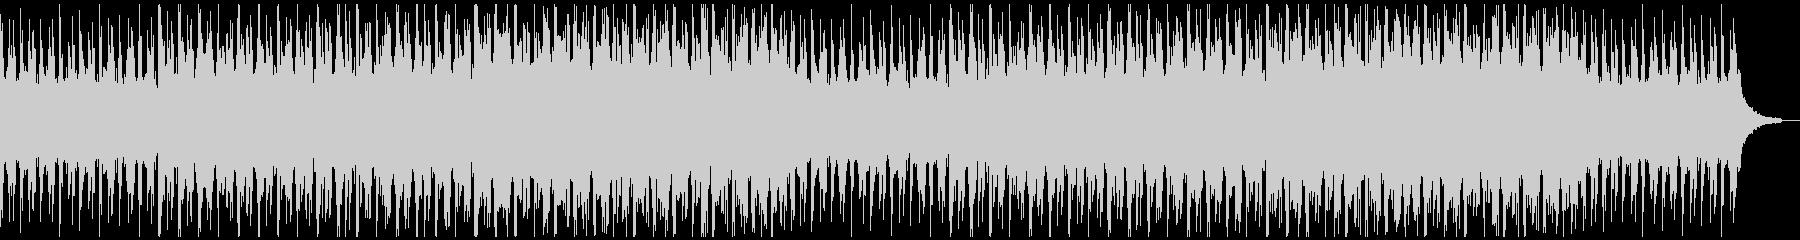 ピアノ/グリッチ/アンビエント/近未来の未再生の波形